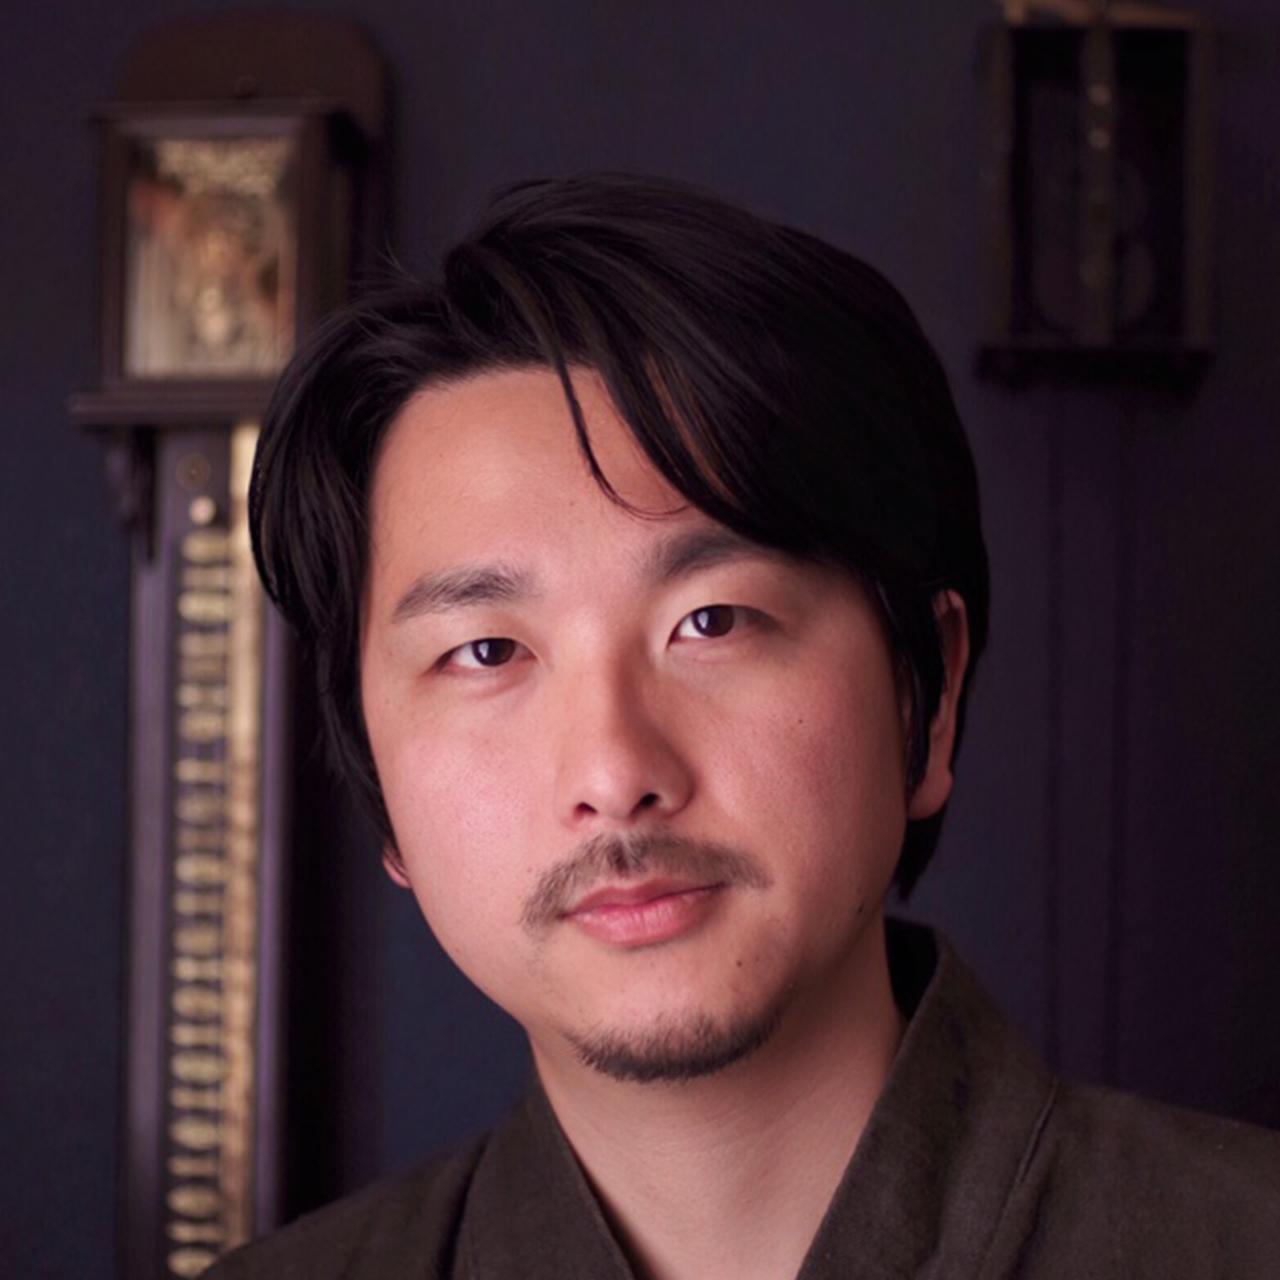 Images : 菊野昌宏(MASAHIRO KIKUNO)